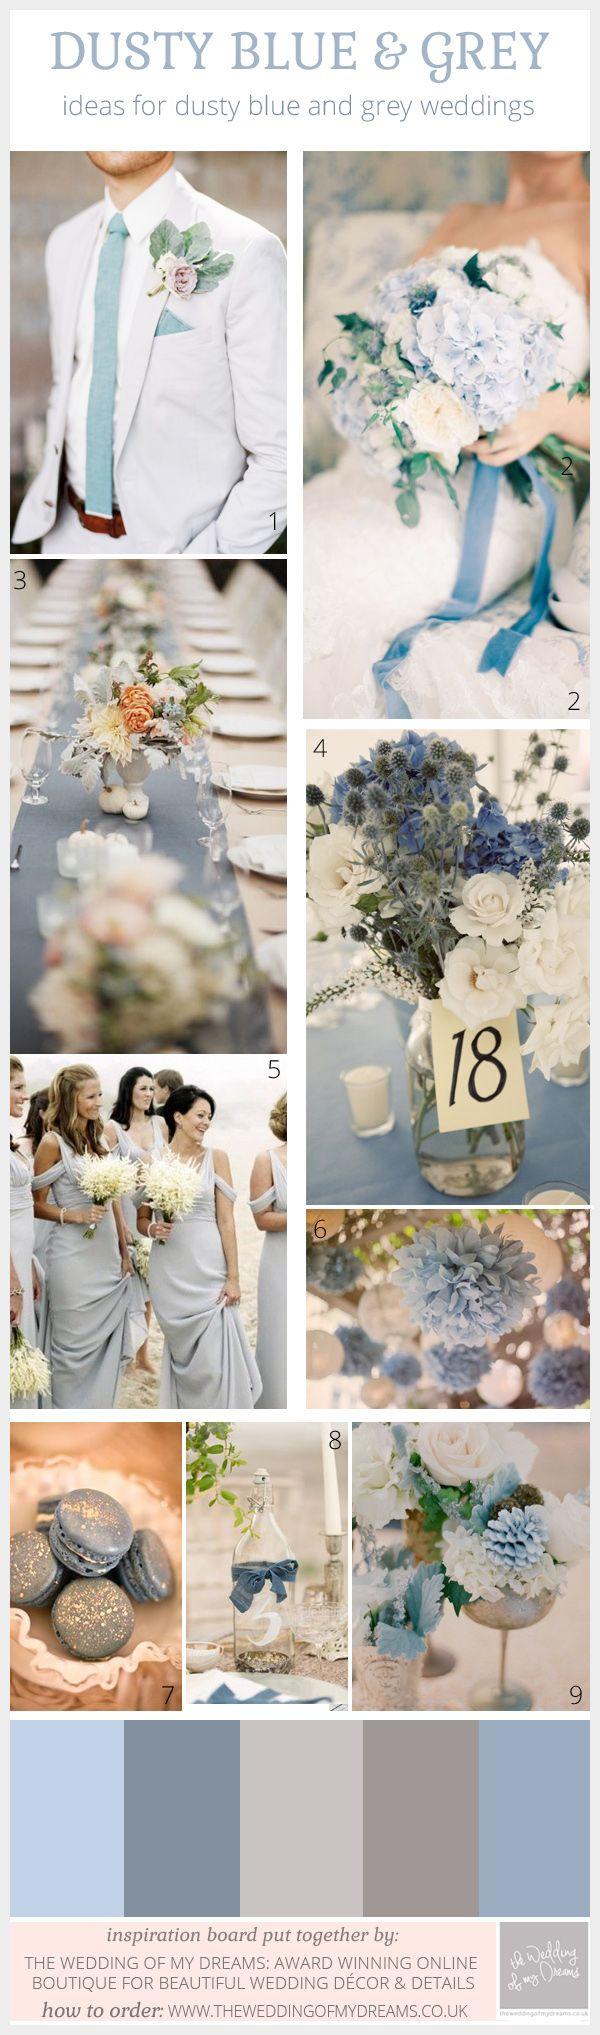 Dusty Blue And Grey Wedding Ideas & Inspiration | Dusty blue, Grey ...